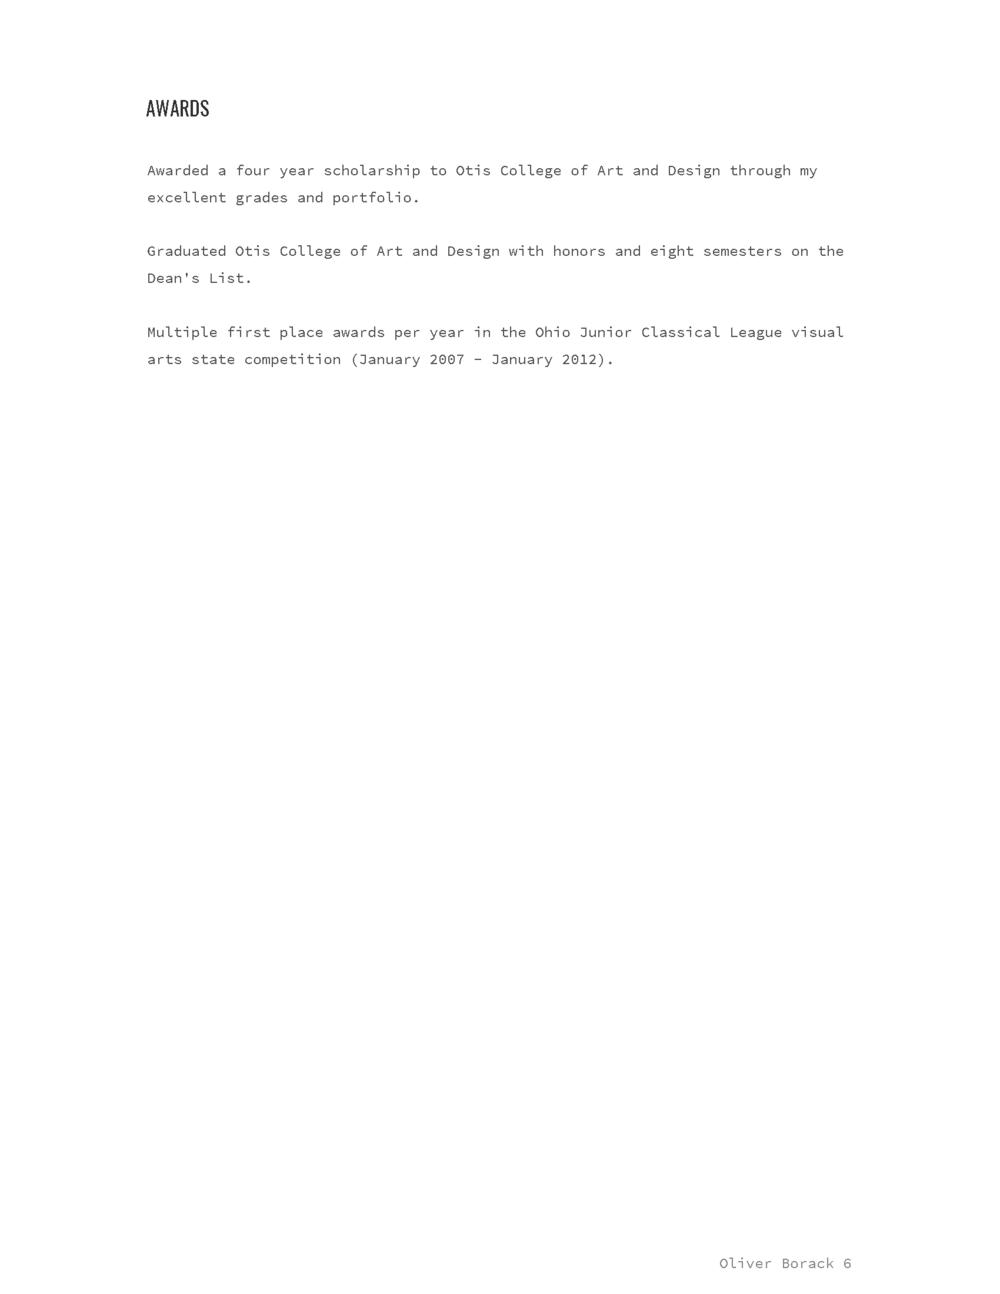 Oliver_Borack_Resume_Page_6.png